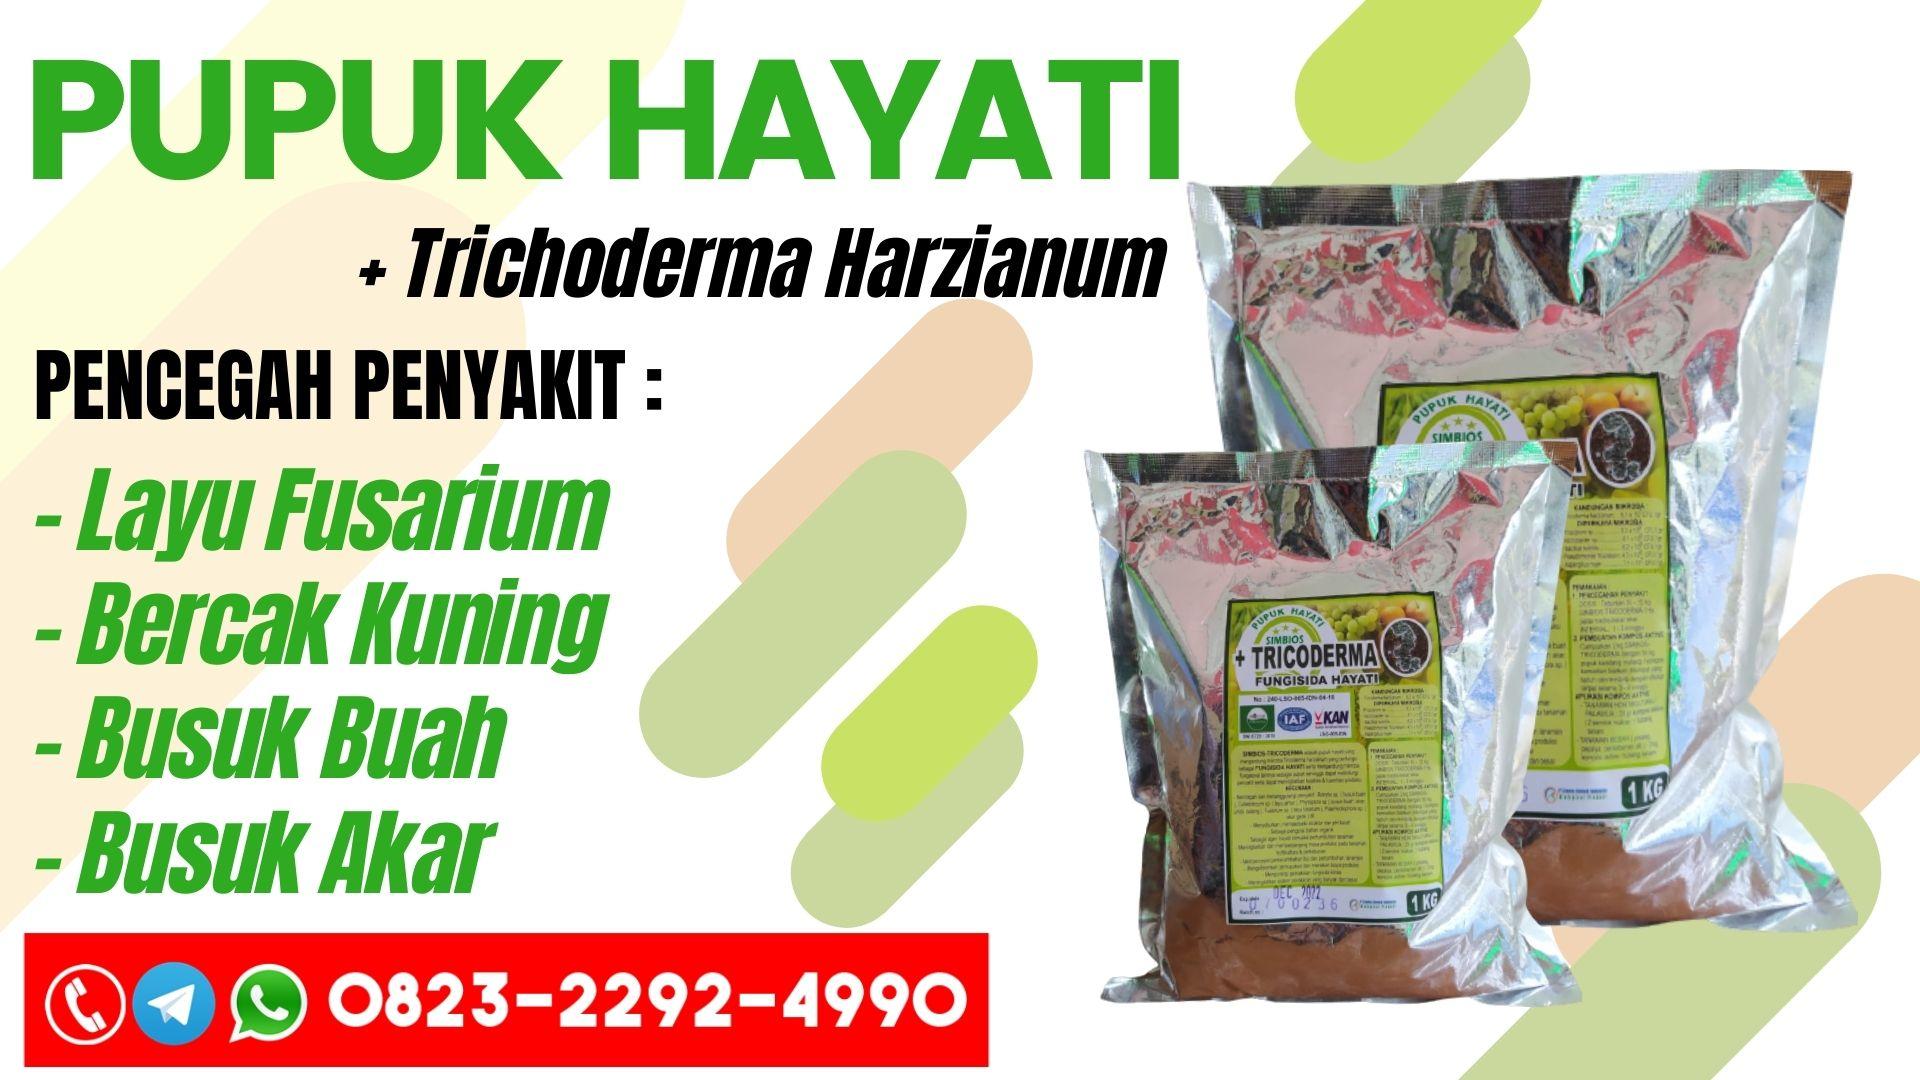 GROSIR Pupuk layu fusarium Serikin, HARGA Pupuk jamur layu fusarium Bau, Pupuk layu fusarium pada pisang Divisi Serian, Pupuk layu fusarium pada kacang panjang Balai Karangan, Pupuk layu fusarium pada kacang tanah, Pupuk obat layu fusarium kentang, Pupuk obat layu fusarium kentang, Pupuk klasifikasi layu fusarium, Pupuk penyakit layu fusarium pada kelapa sawit, Pupuk layu fusarium pada lombok, Pupuk layu fusarium melon